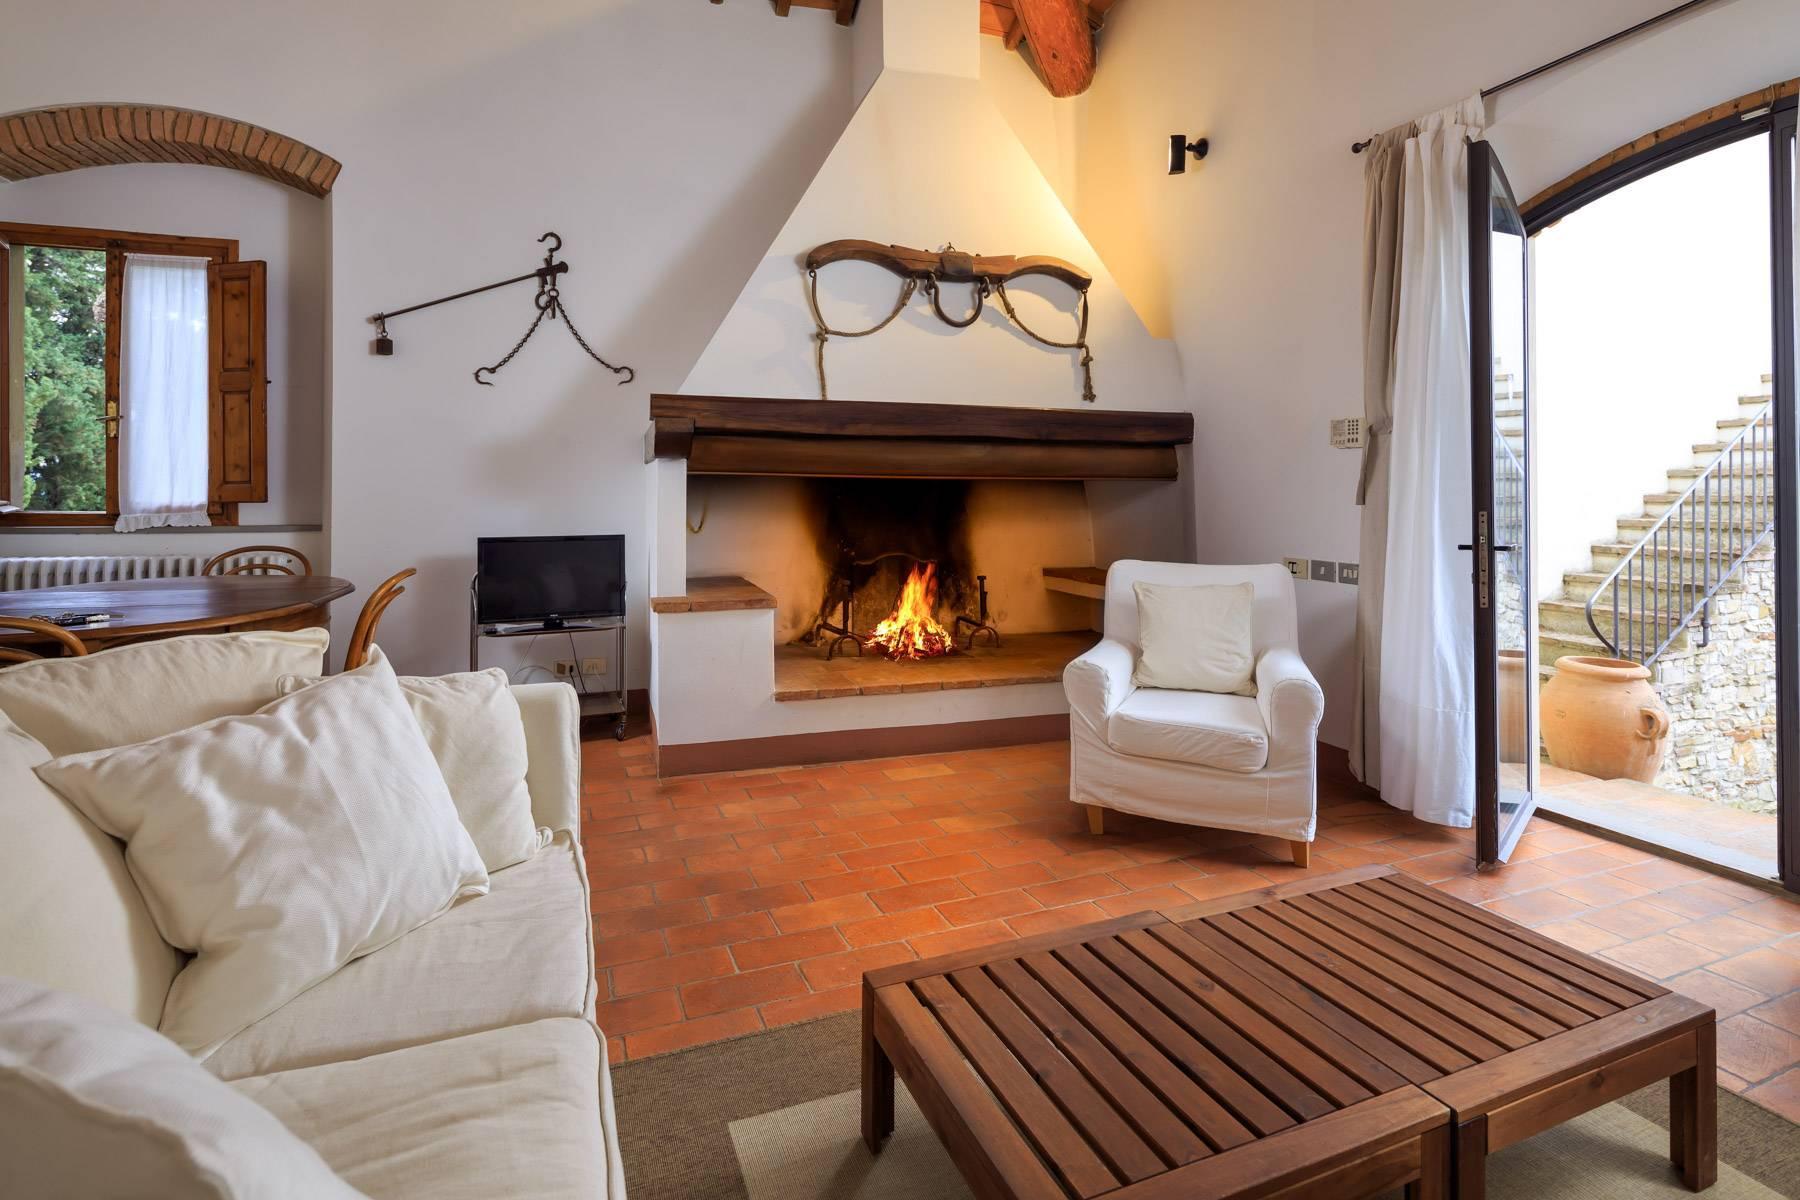 Grande villa antica con oliveto a 10 minuti da Firenze - 28